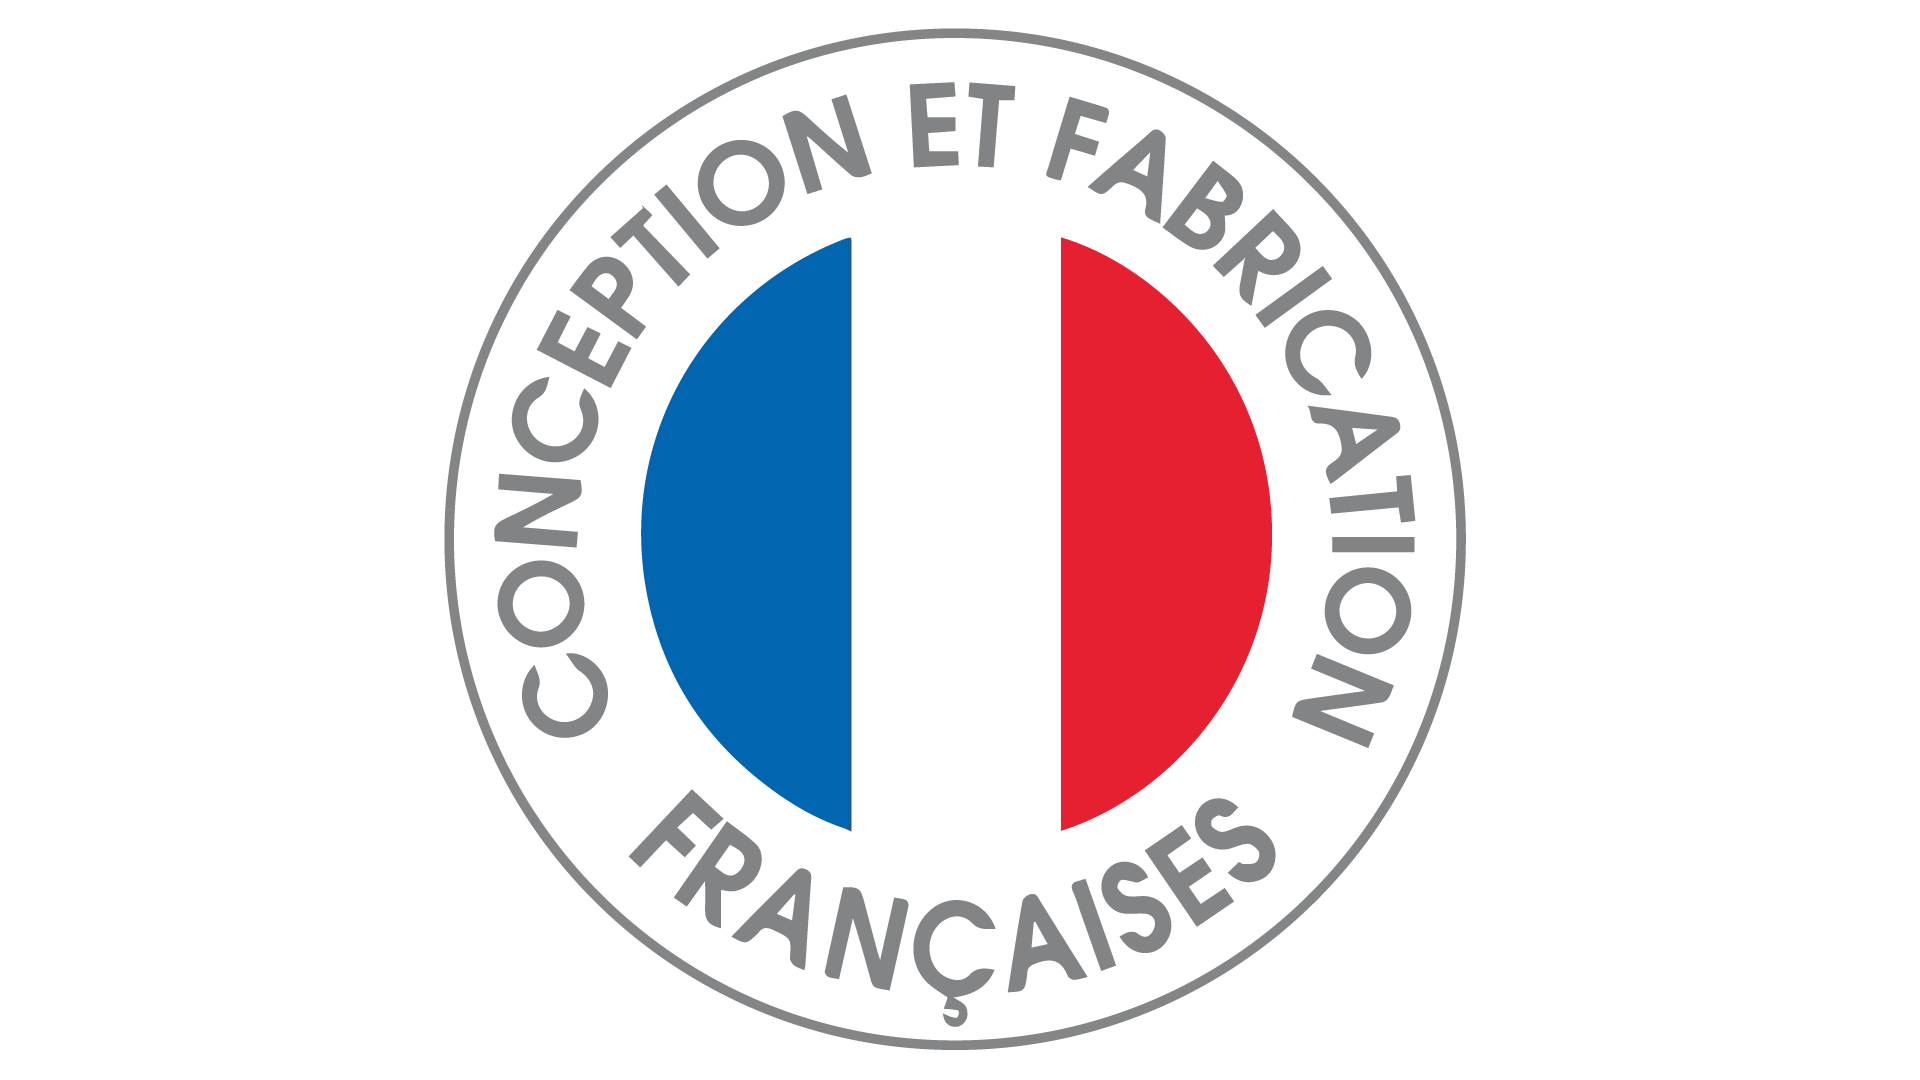 DTF - Pictogramme conception et fabrication française